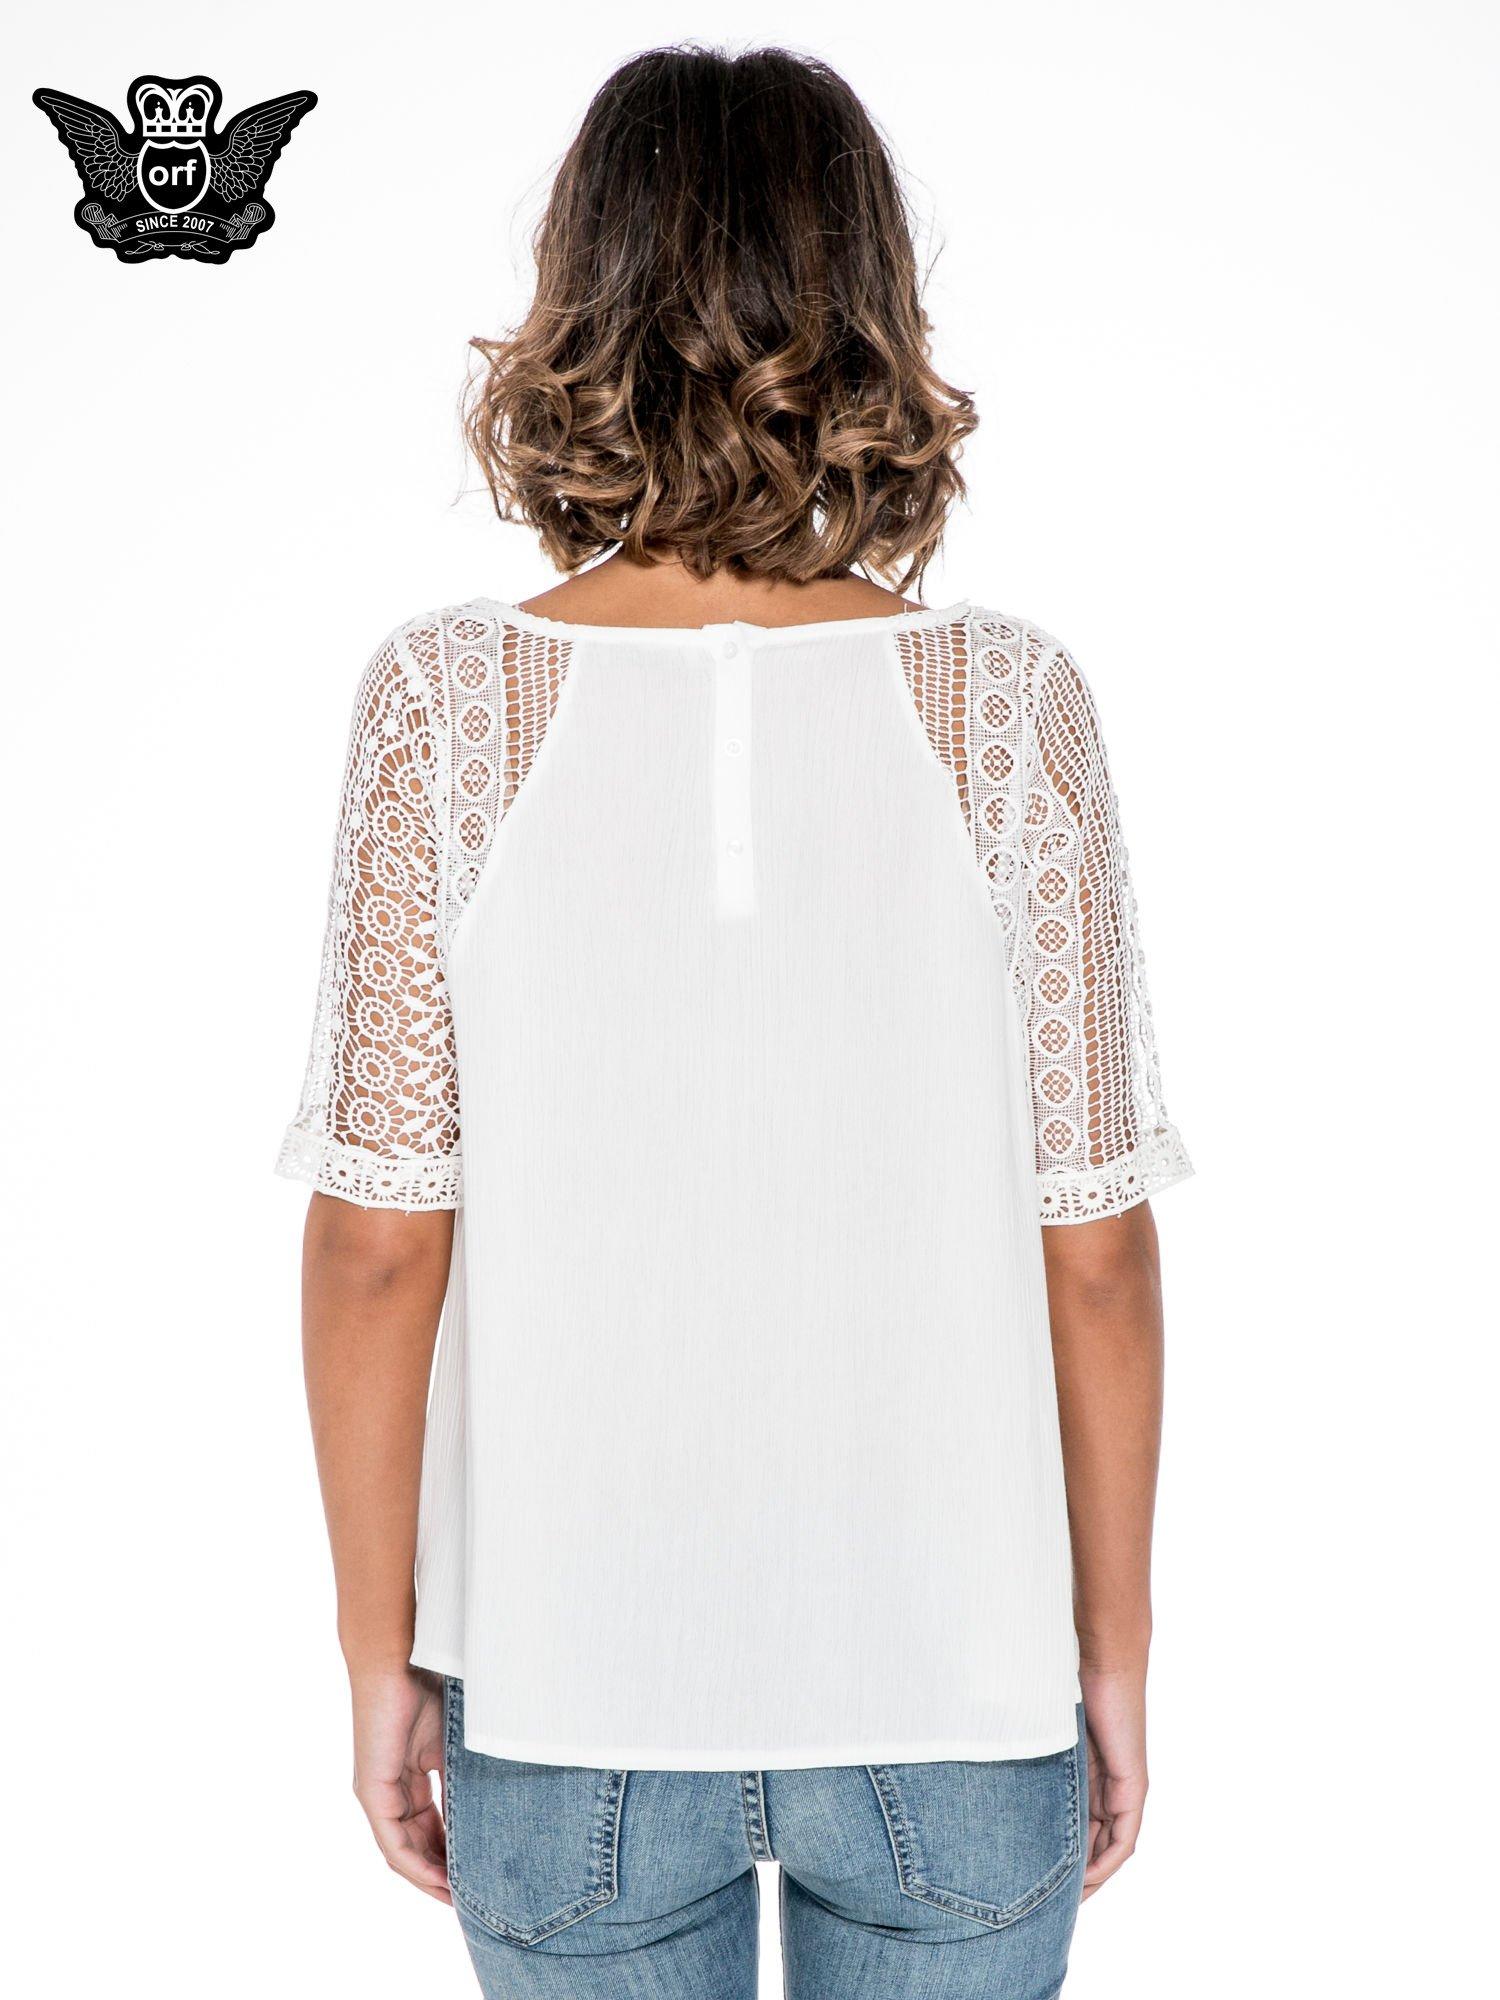 Ecru bluzka koszulowa z koronkowymi rękawami                                  zdj.                                  4